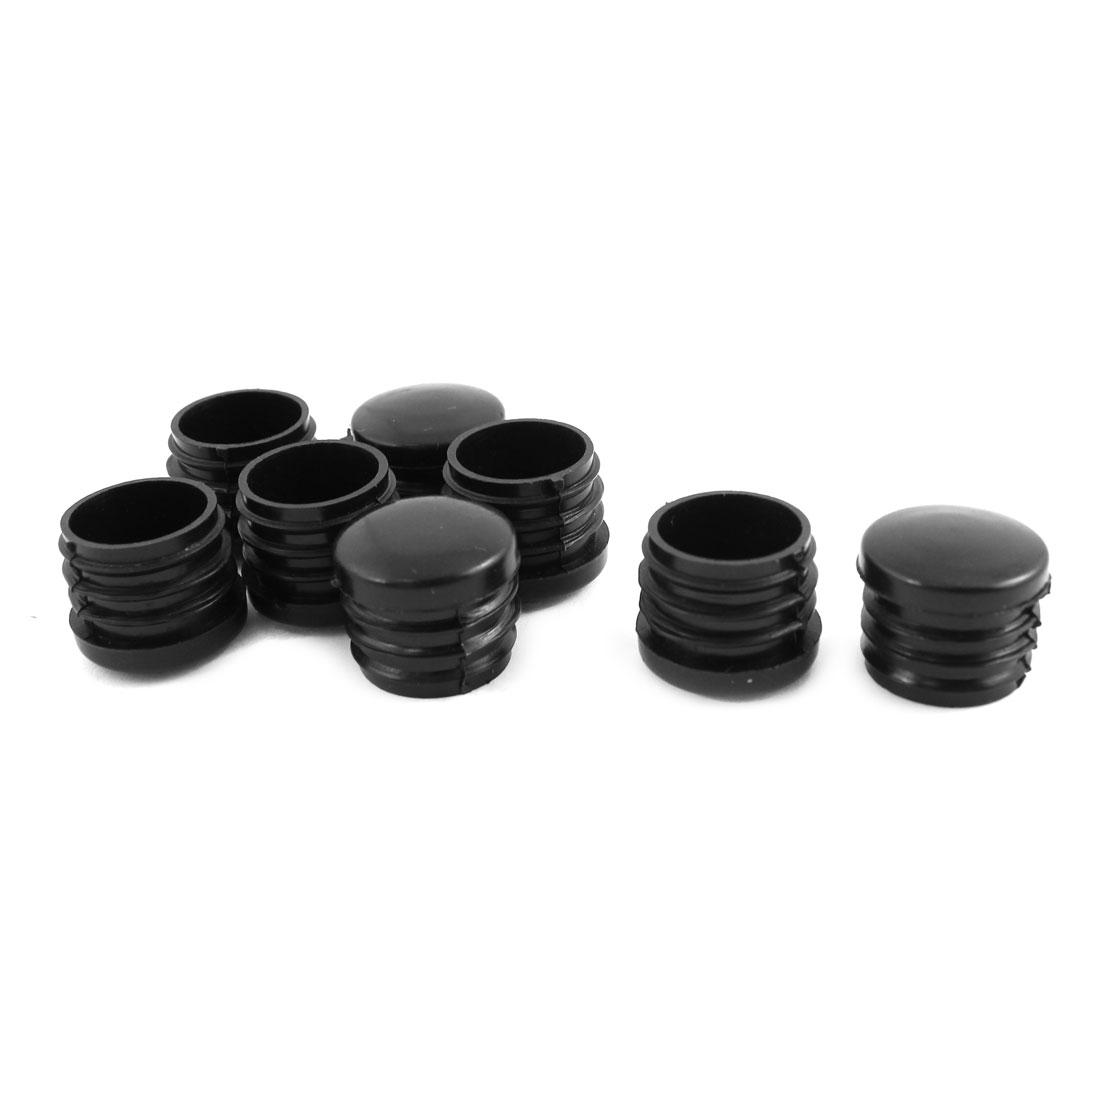 8 Pcs Black Plastic 25mm Dia Round Tubing Pipe Insert Caps Covers